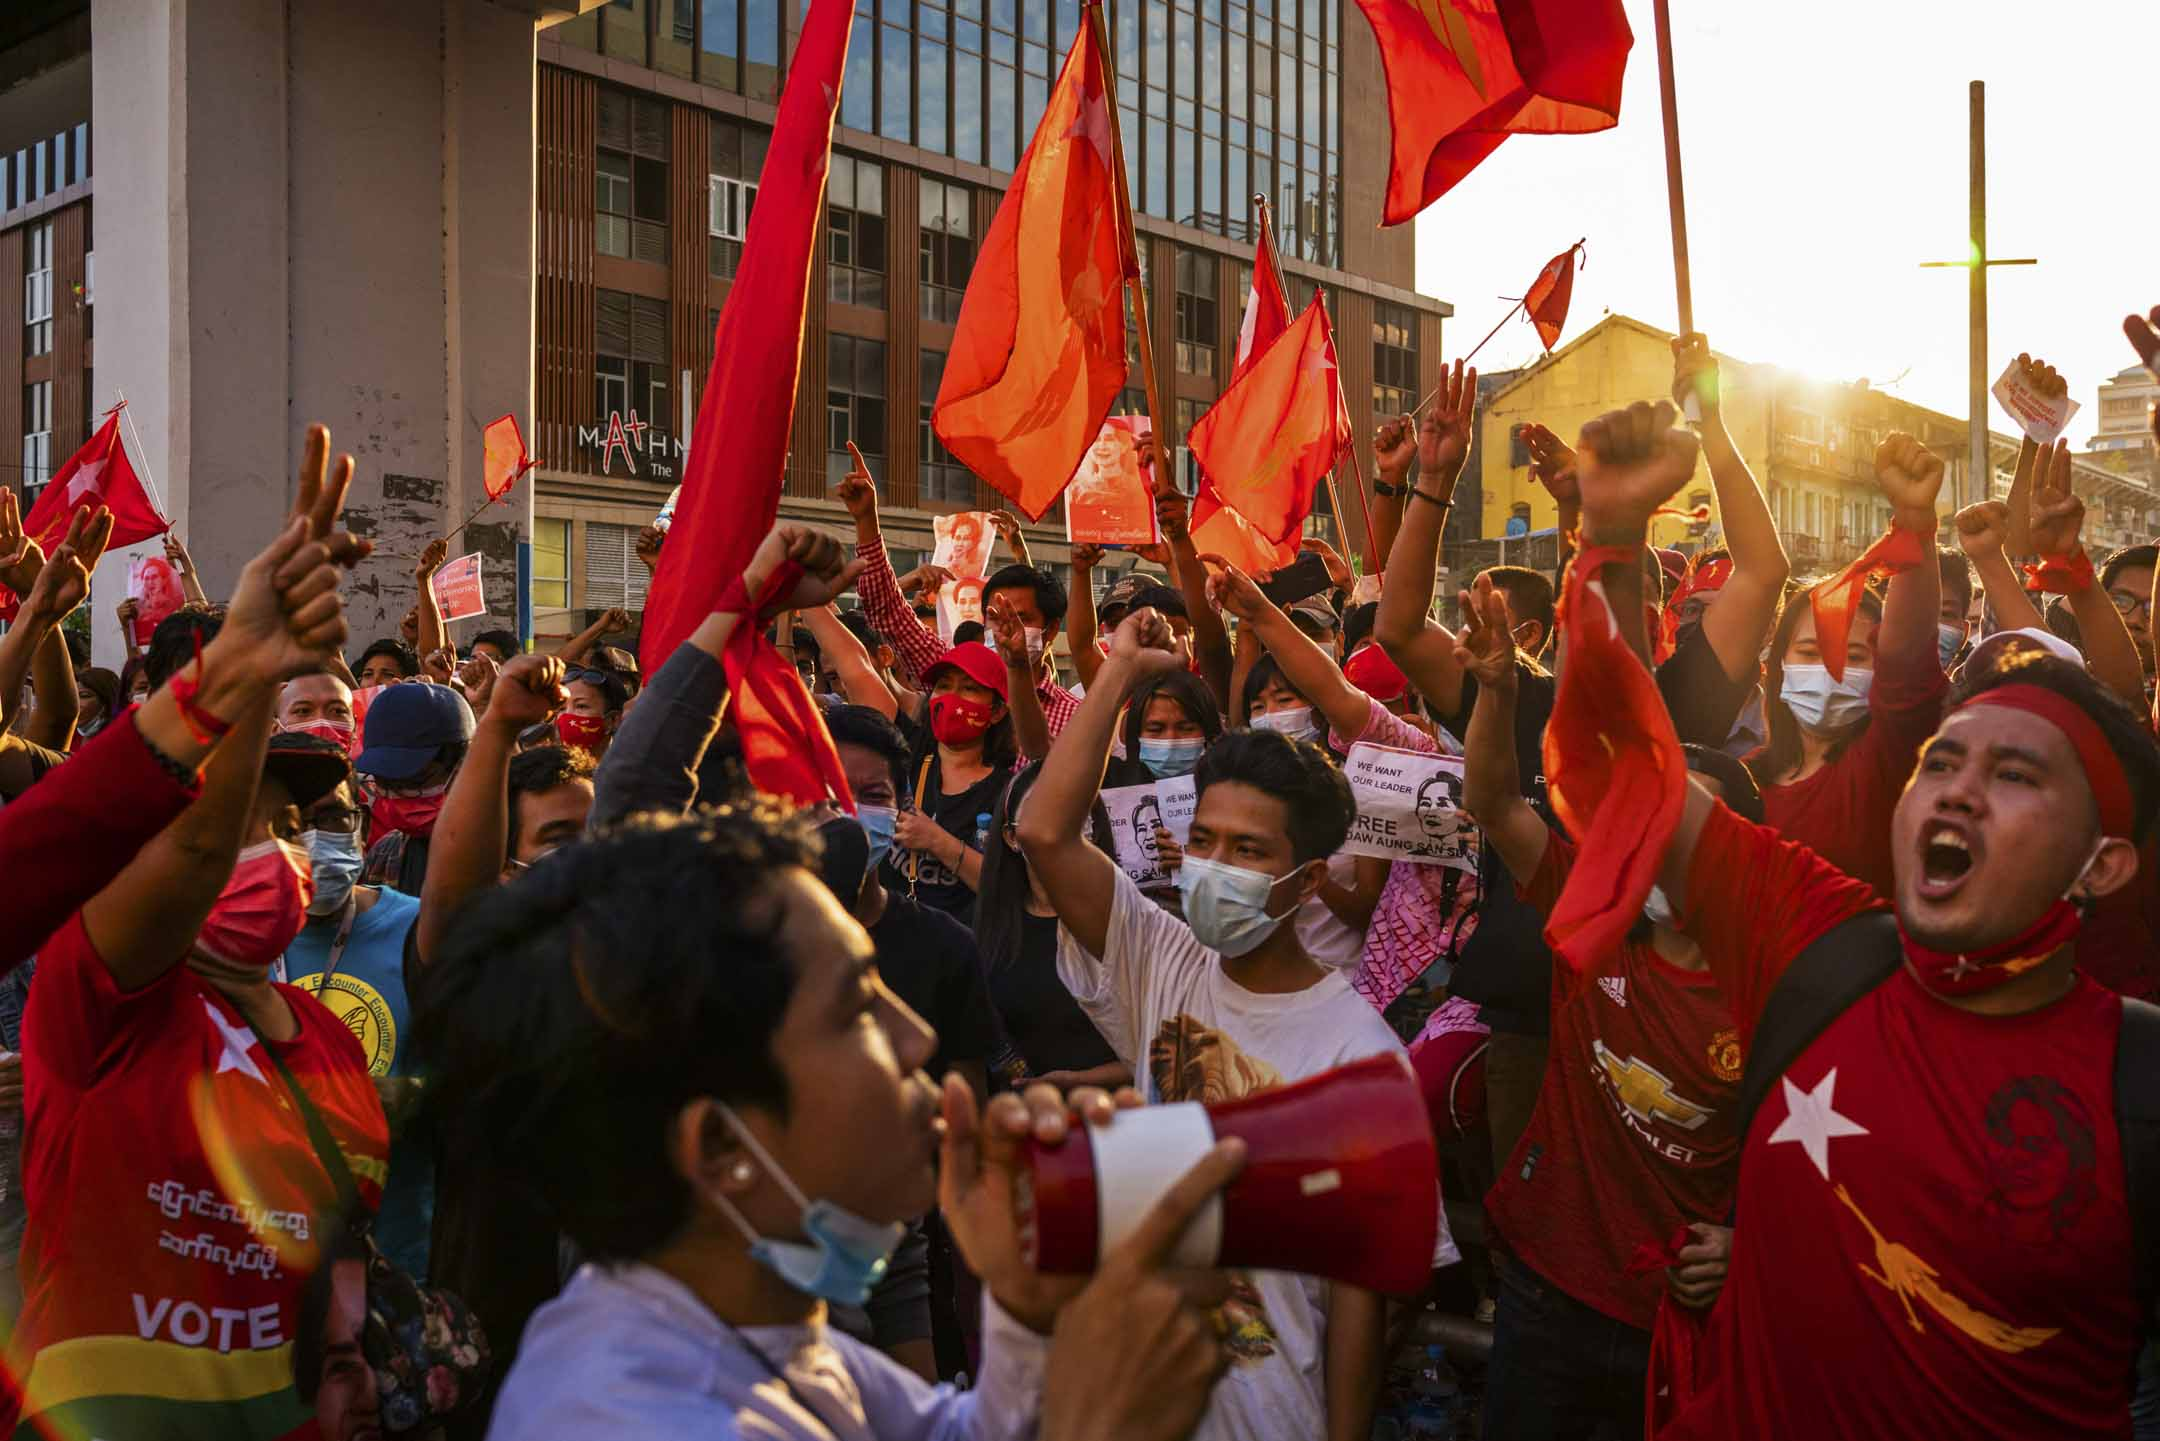 2021年2月7日,緬甸仰光市中心的示威者舉著紅旗大喊口號,反對軍事政變及釋放昂山素姬。 圖: Getty Images